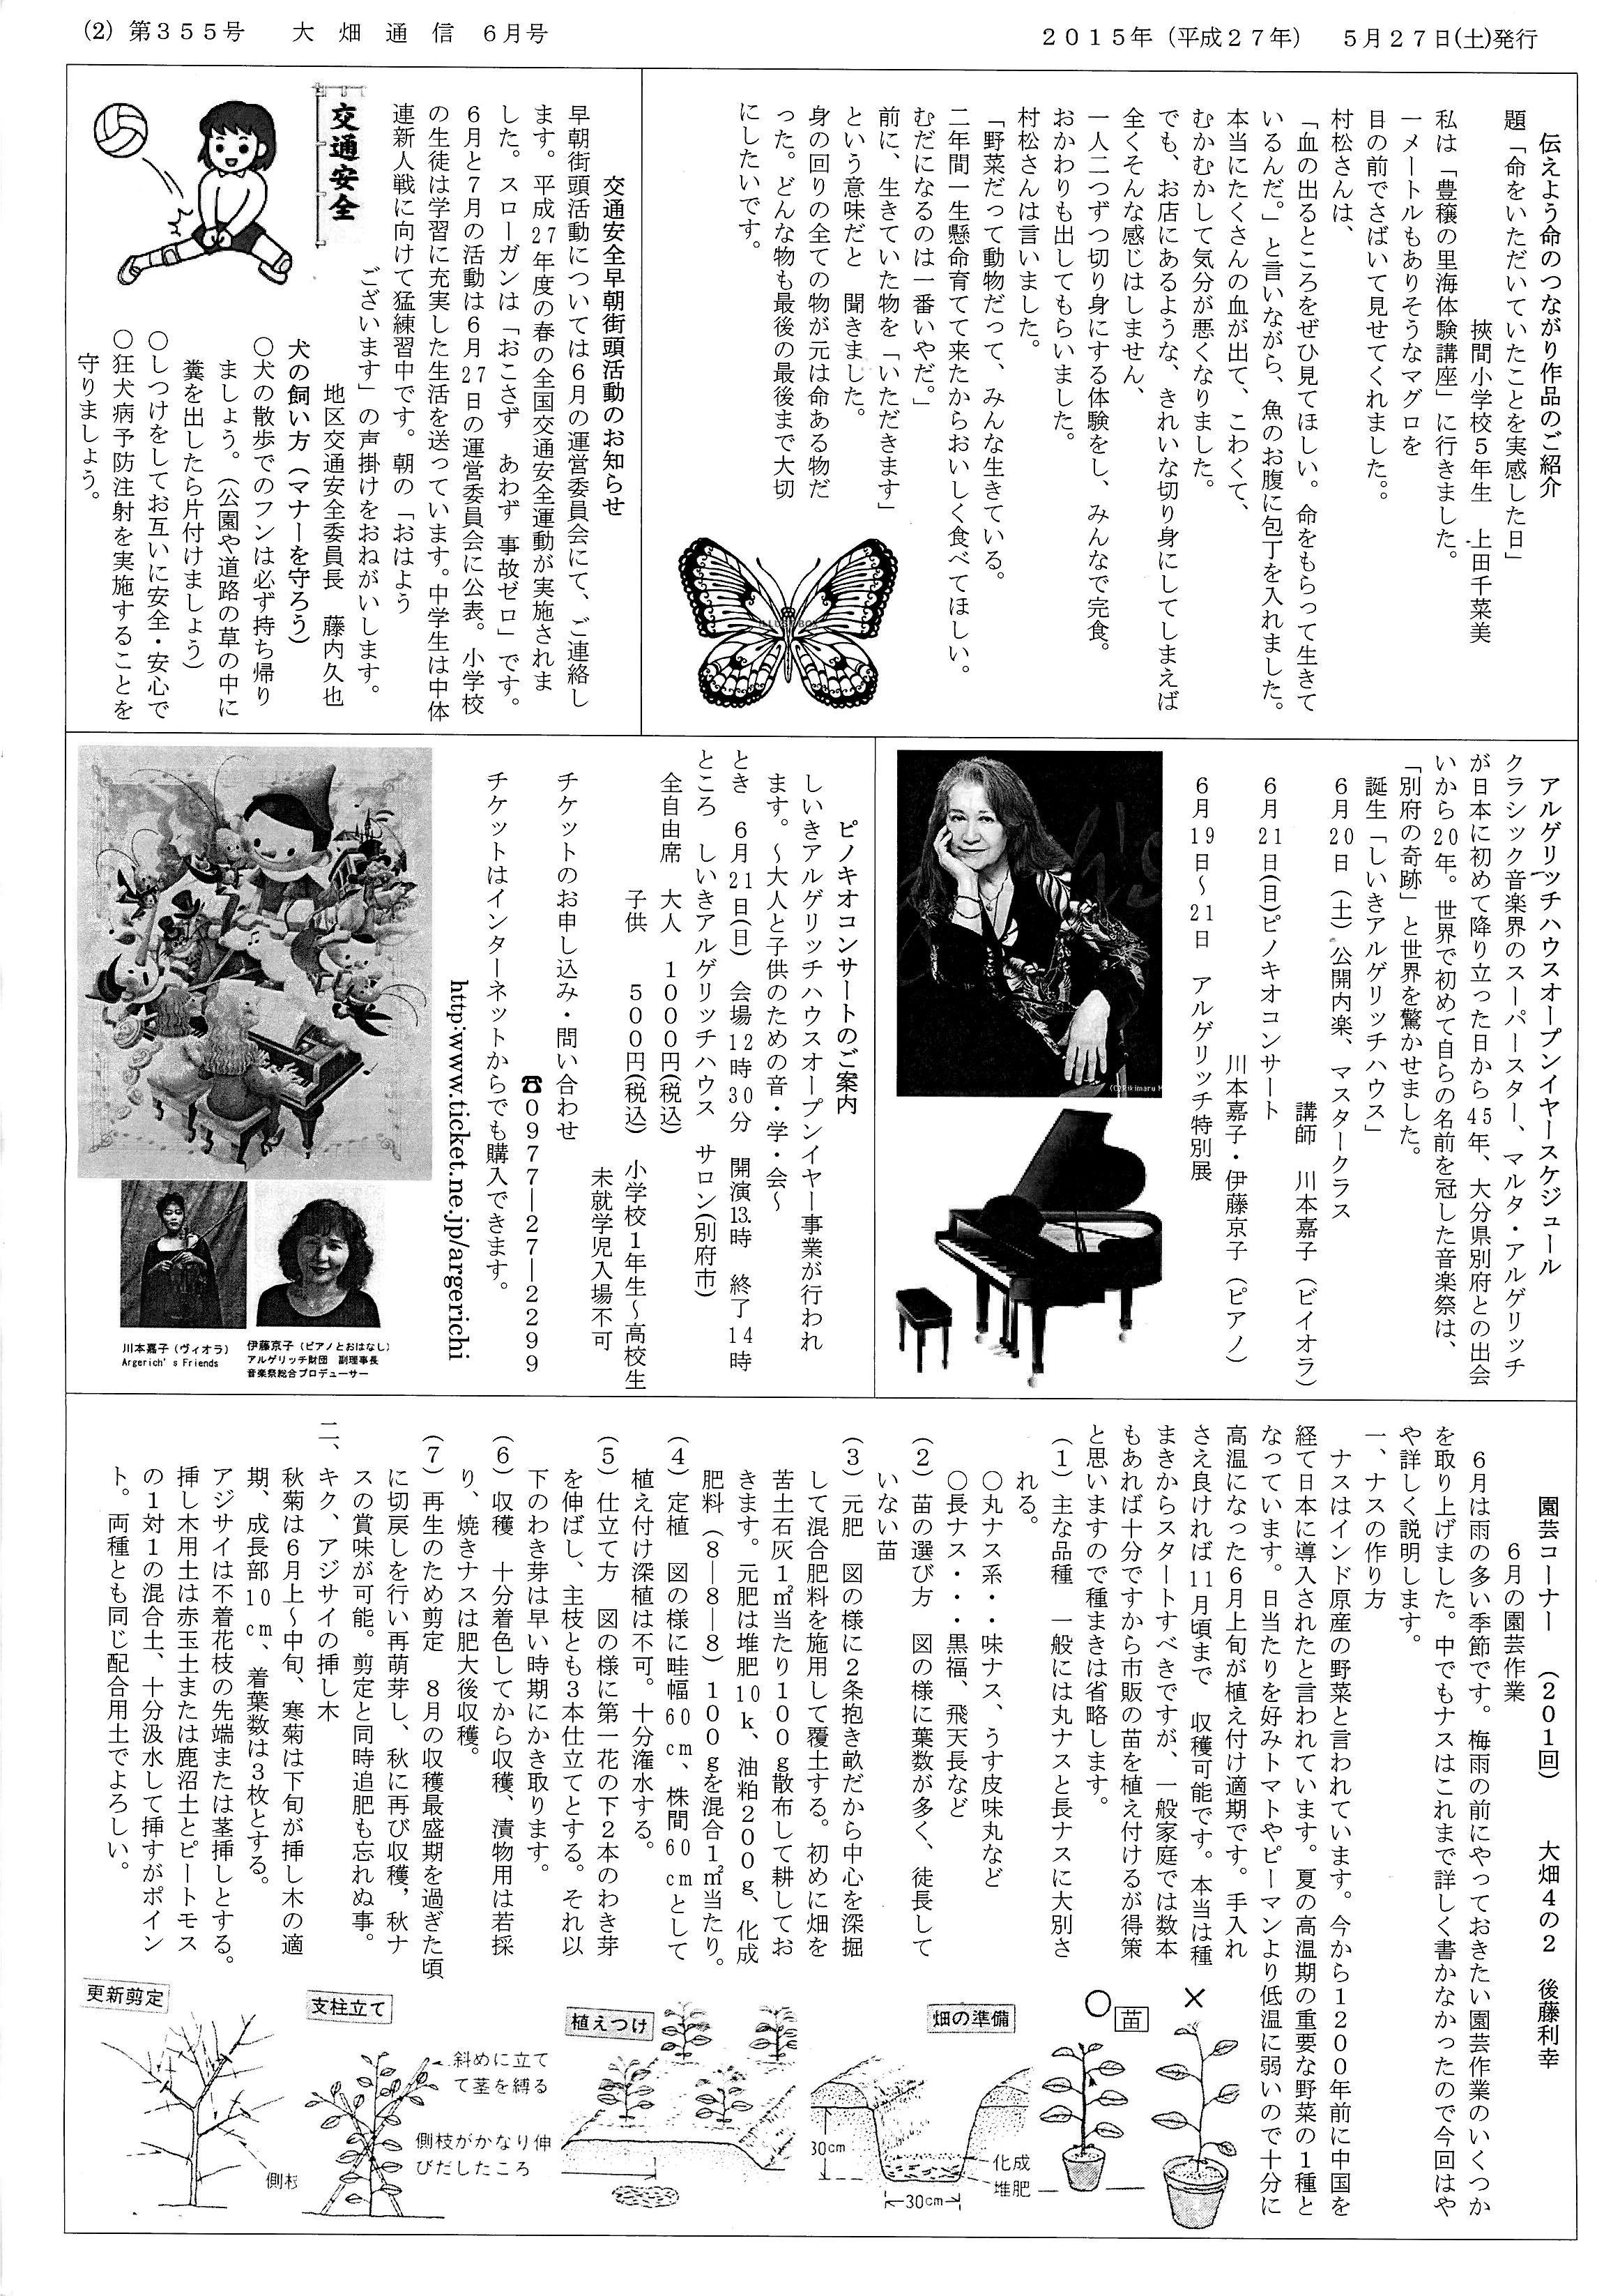 obatake2015_06_02